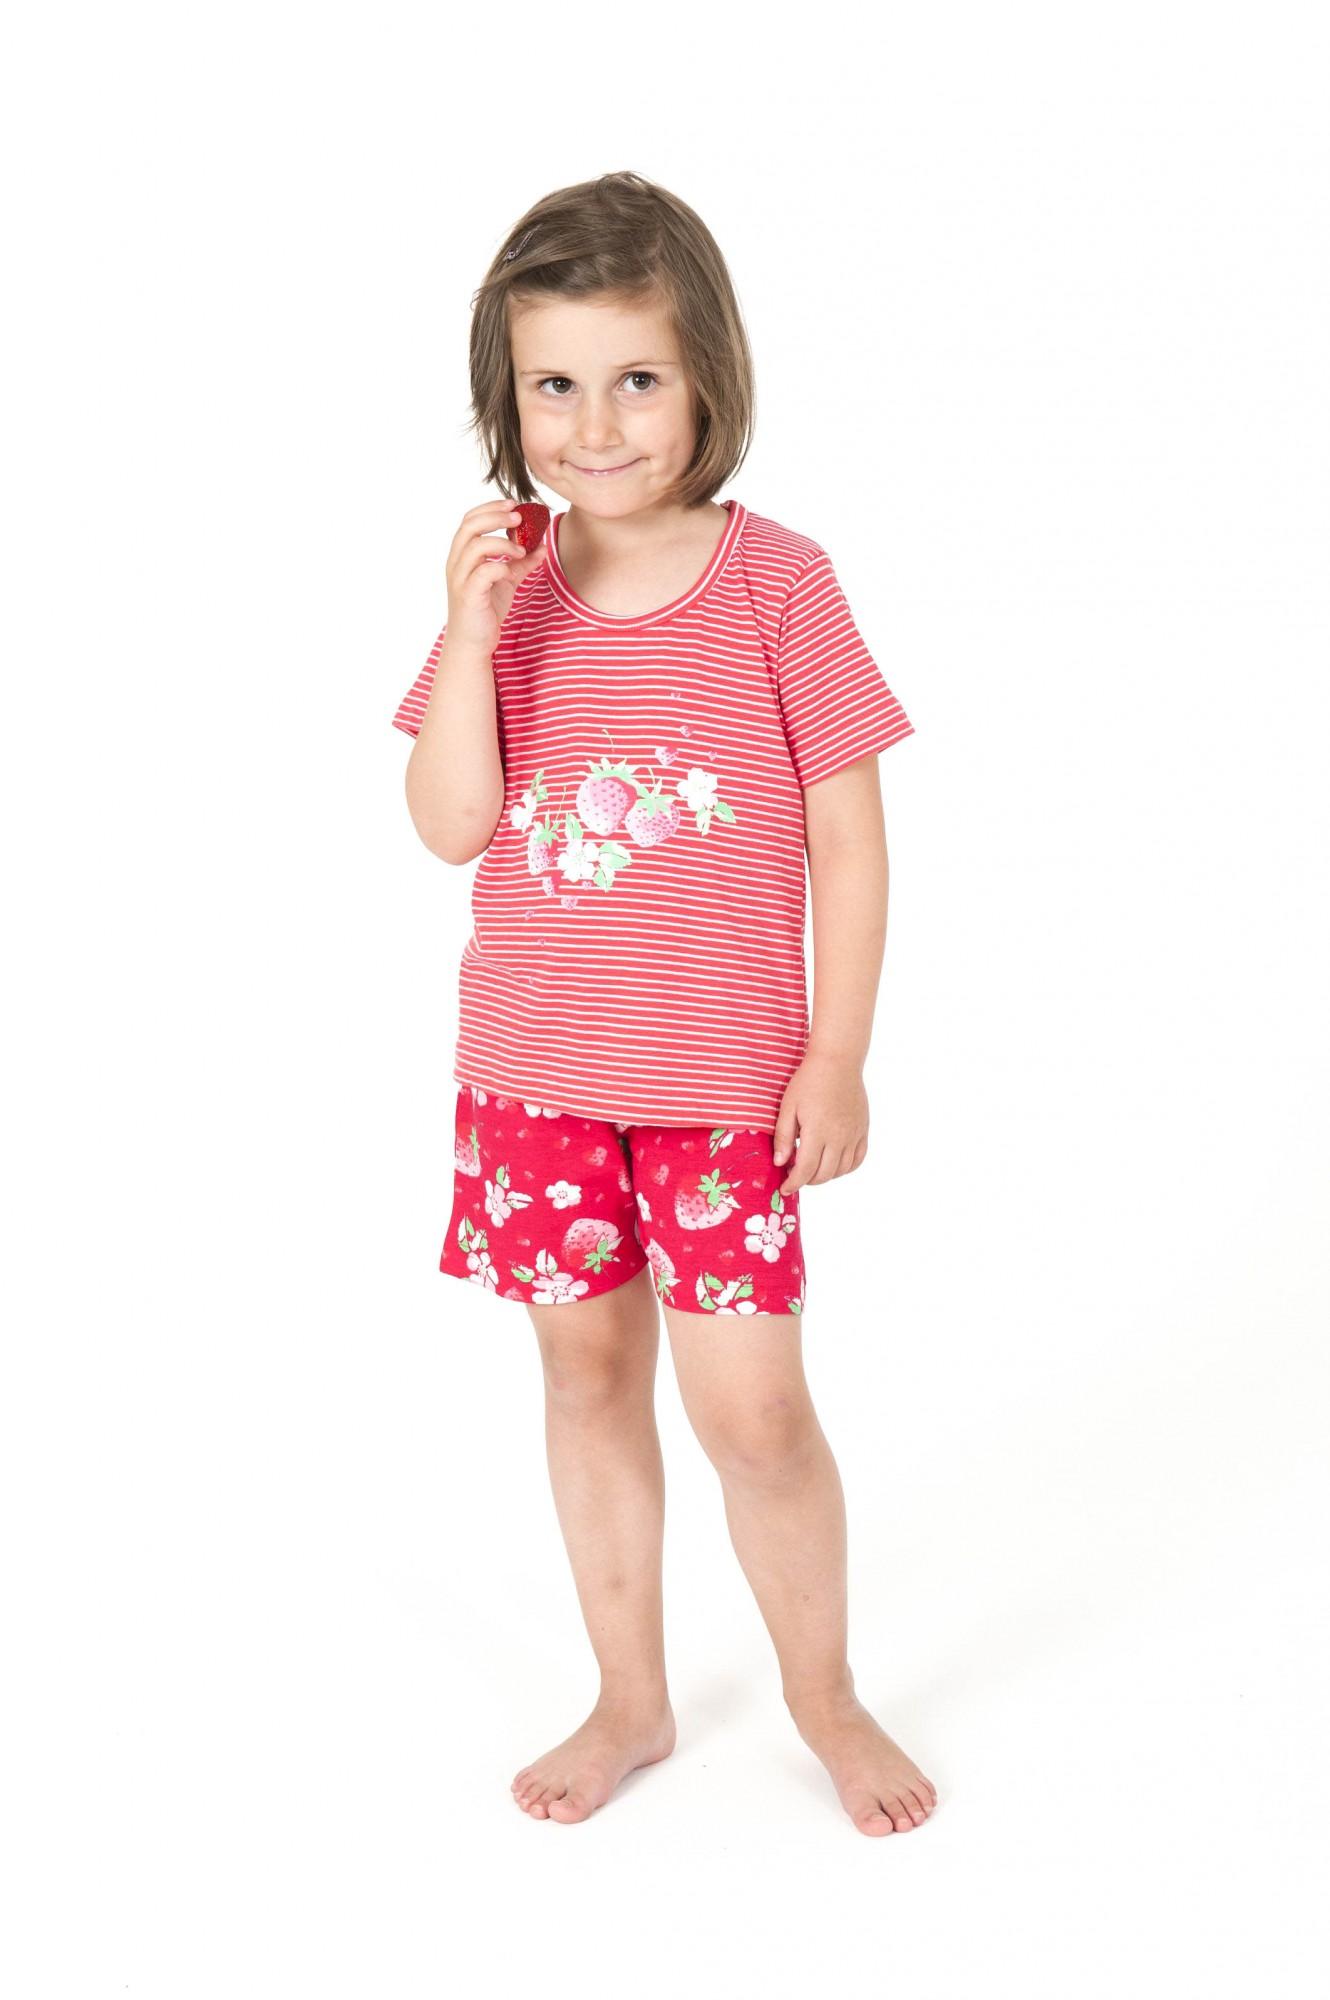 dc8c4bf742 Süsser Kleinkinder Mädchen Pyjama Shortykurzarm geringelt – 161 705 90 838  – Bild 1